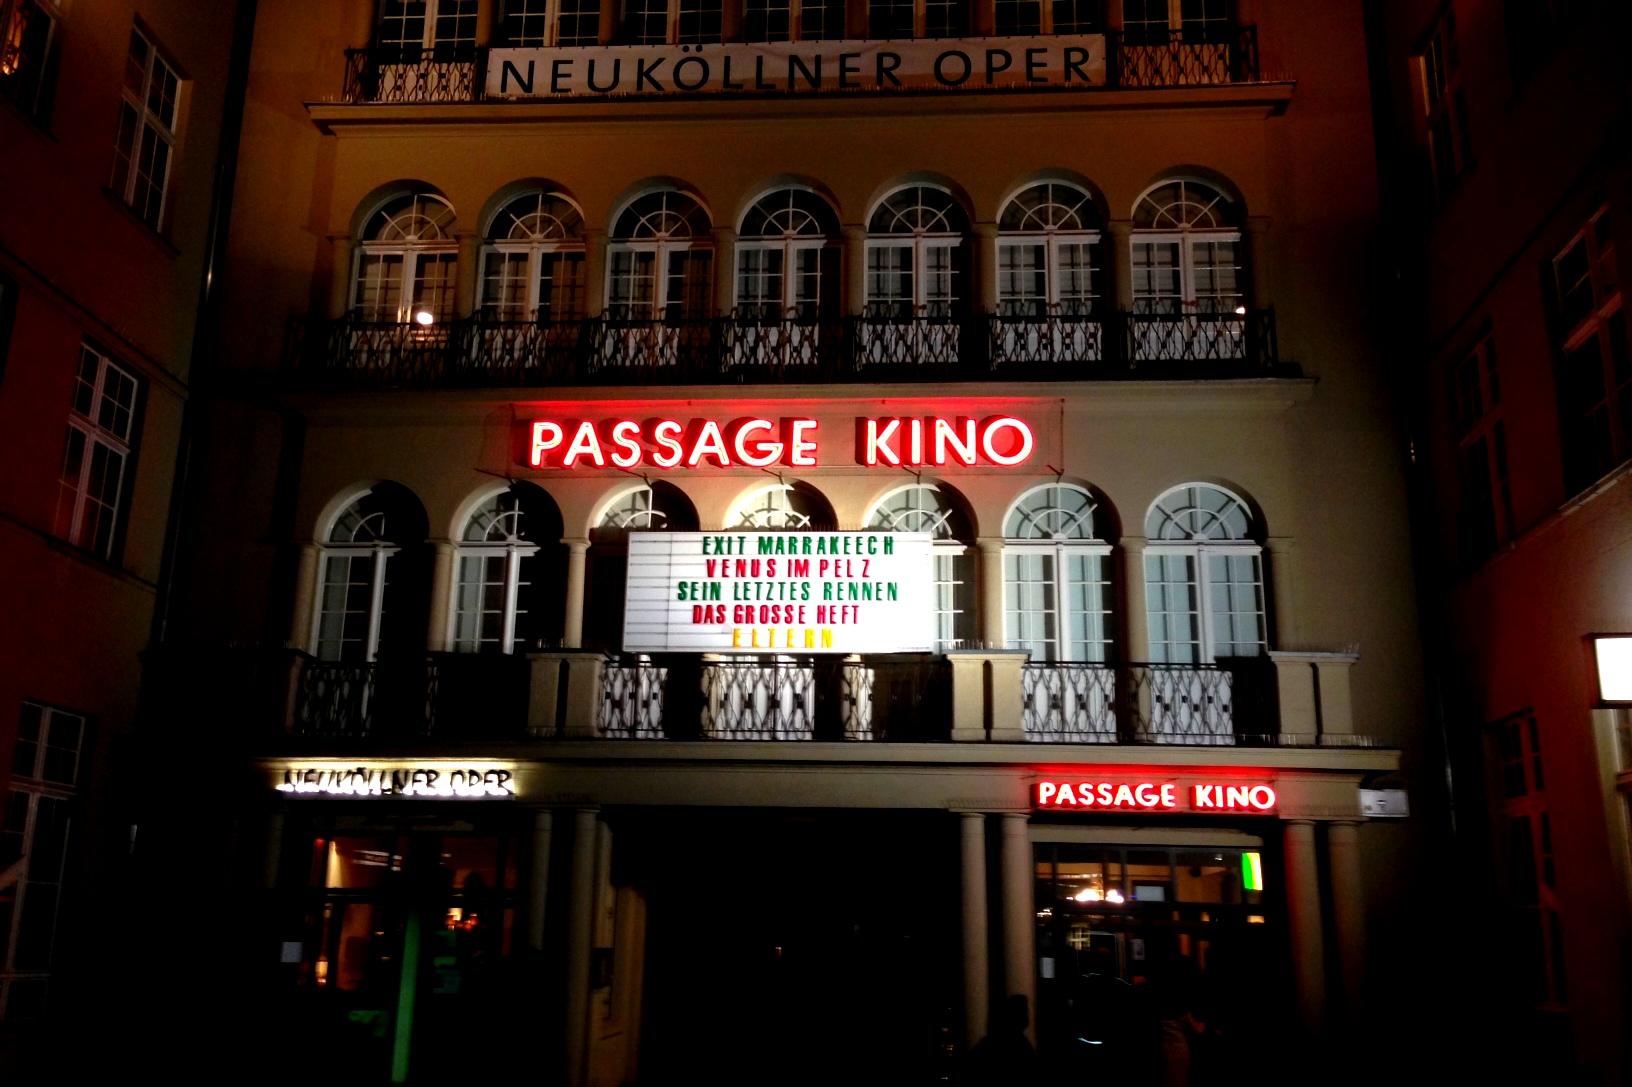 Kino Neukölln Passage